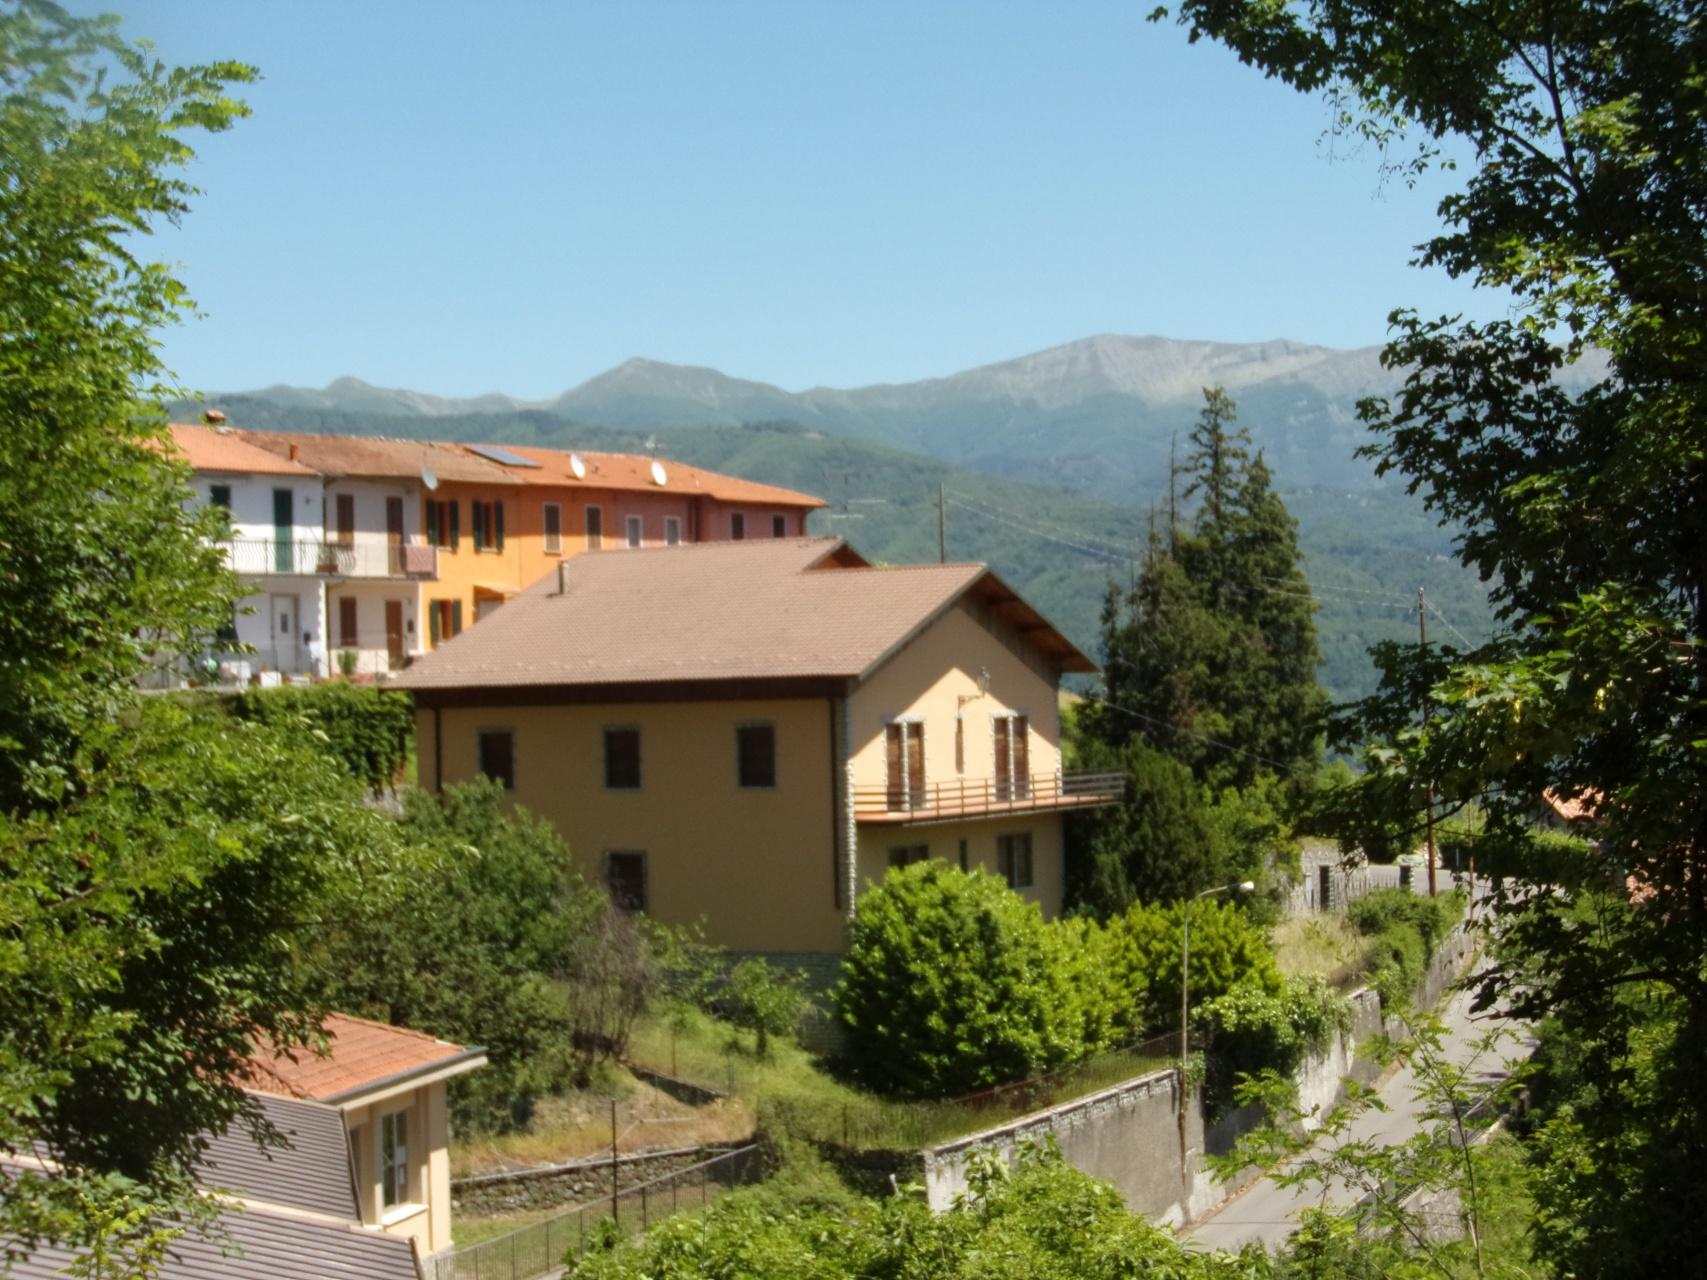 foto Grande casa in posizione panoramica nel paese di Molazzana, Lucca.